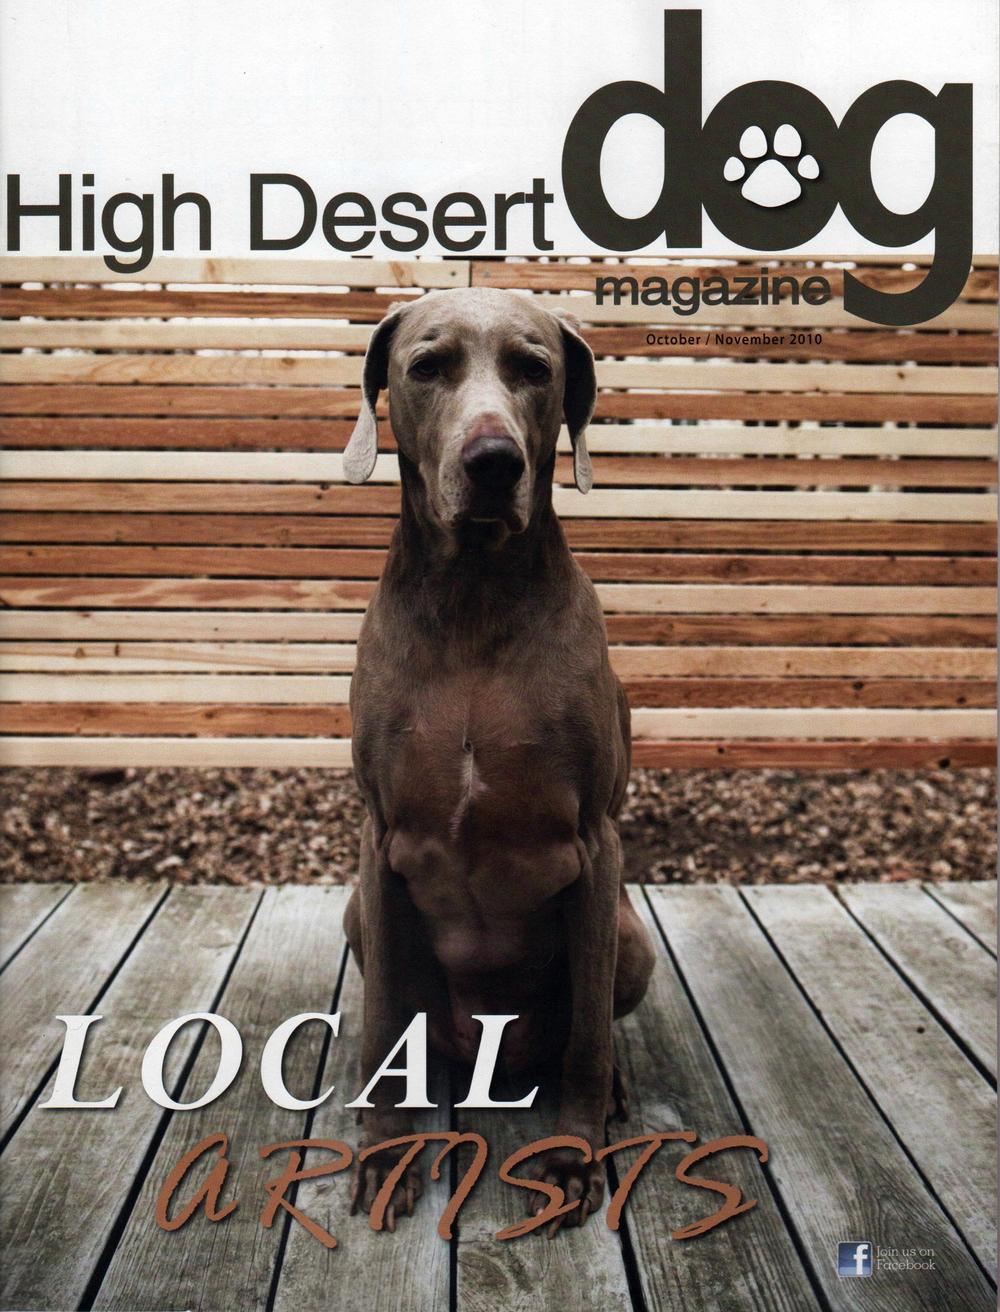 High Desert Dog - Cover Oct.Nov 2010.jpg